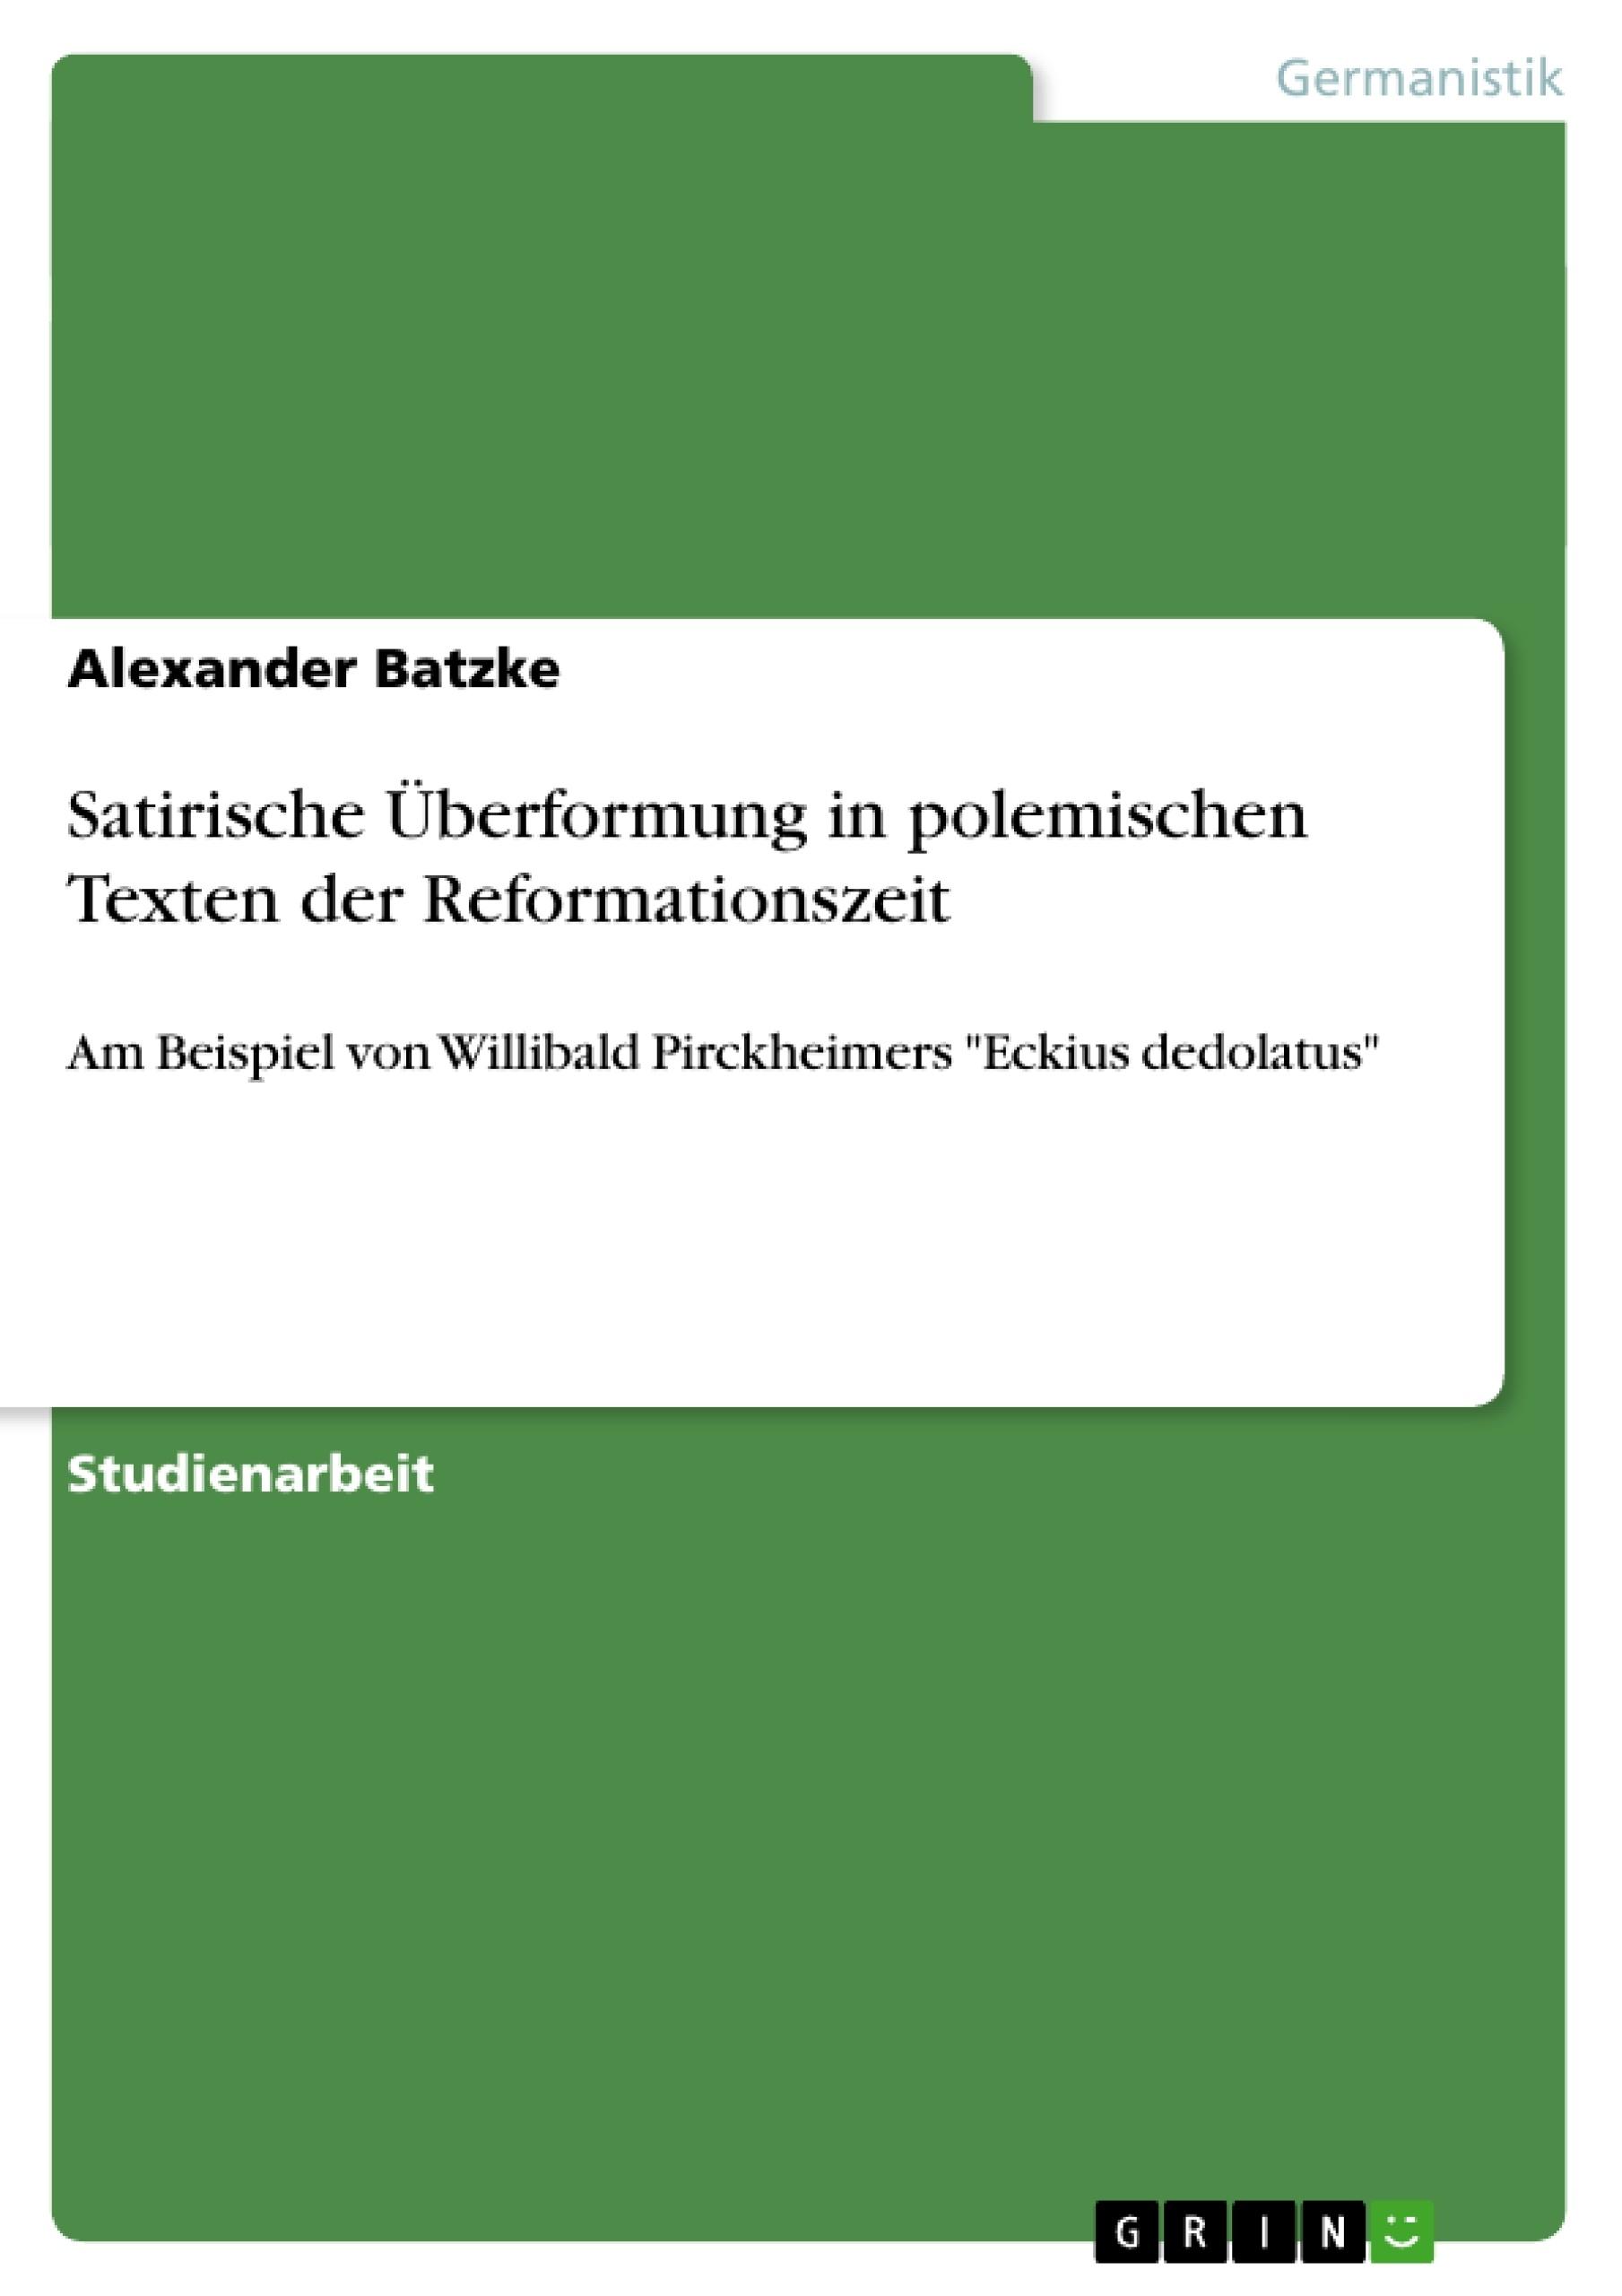 Titel: Satirische Überformung in polemischen Texten der Reformationszeit